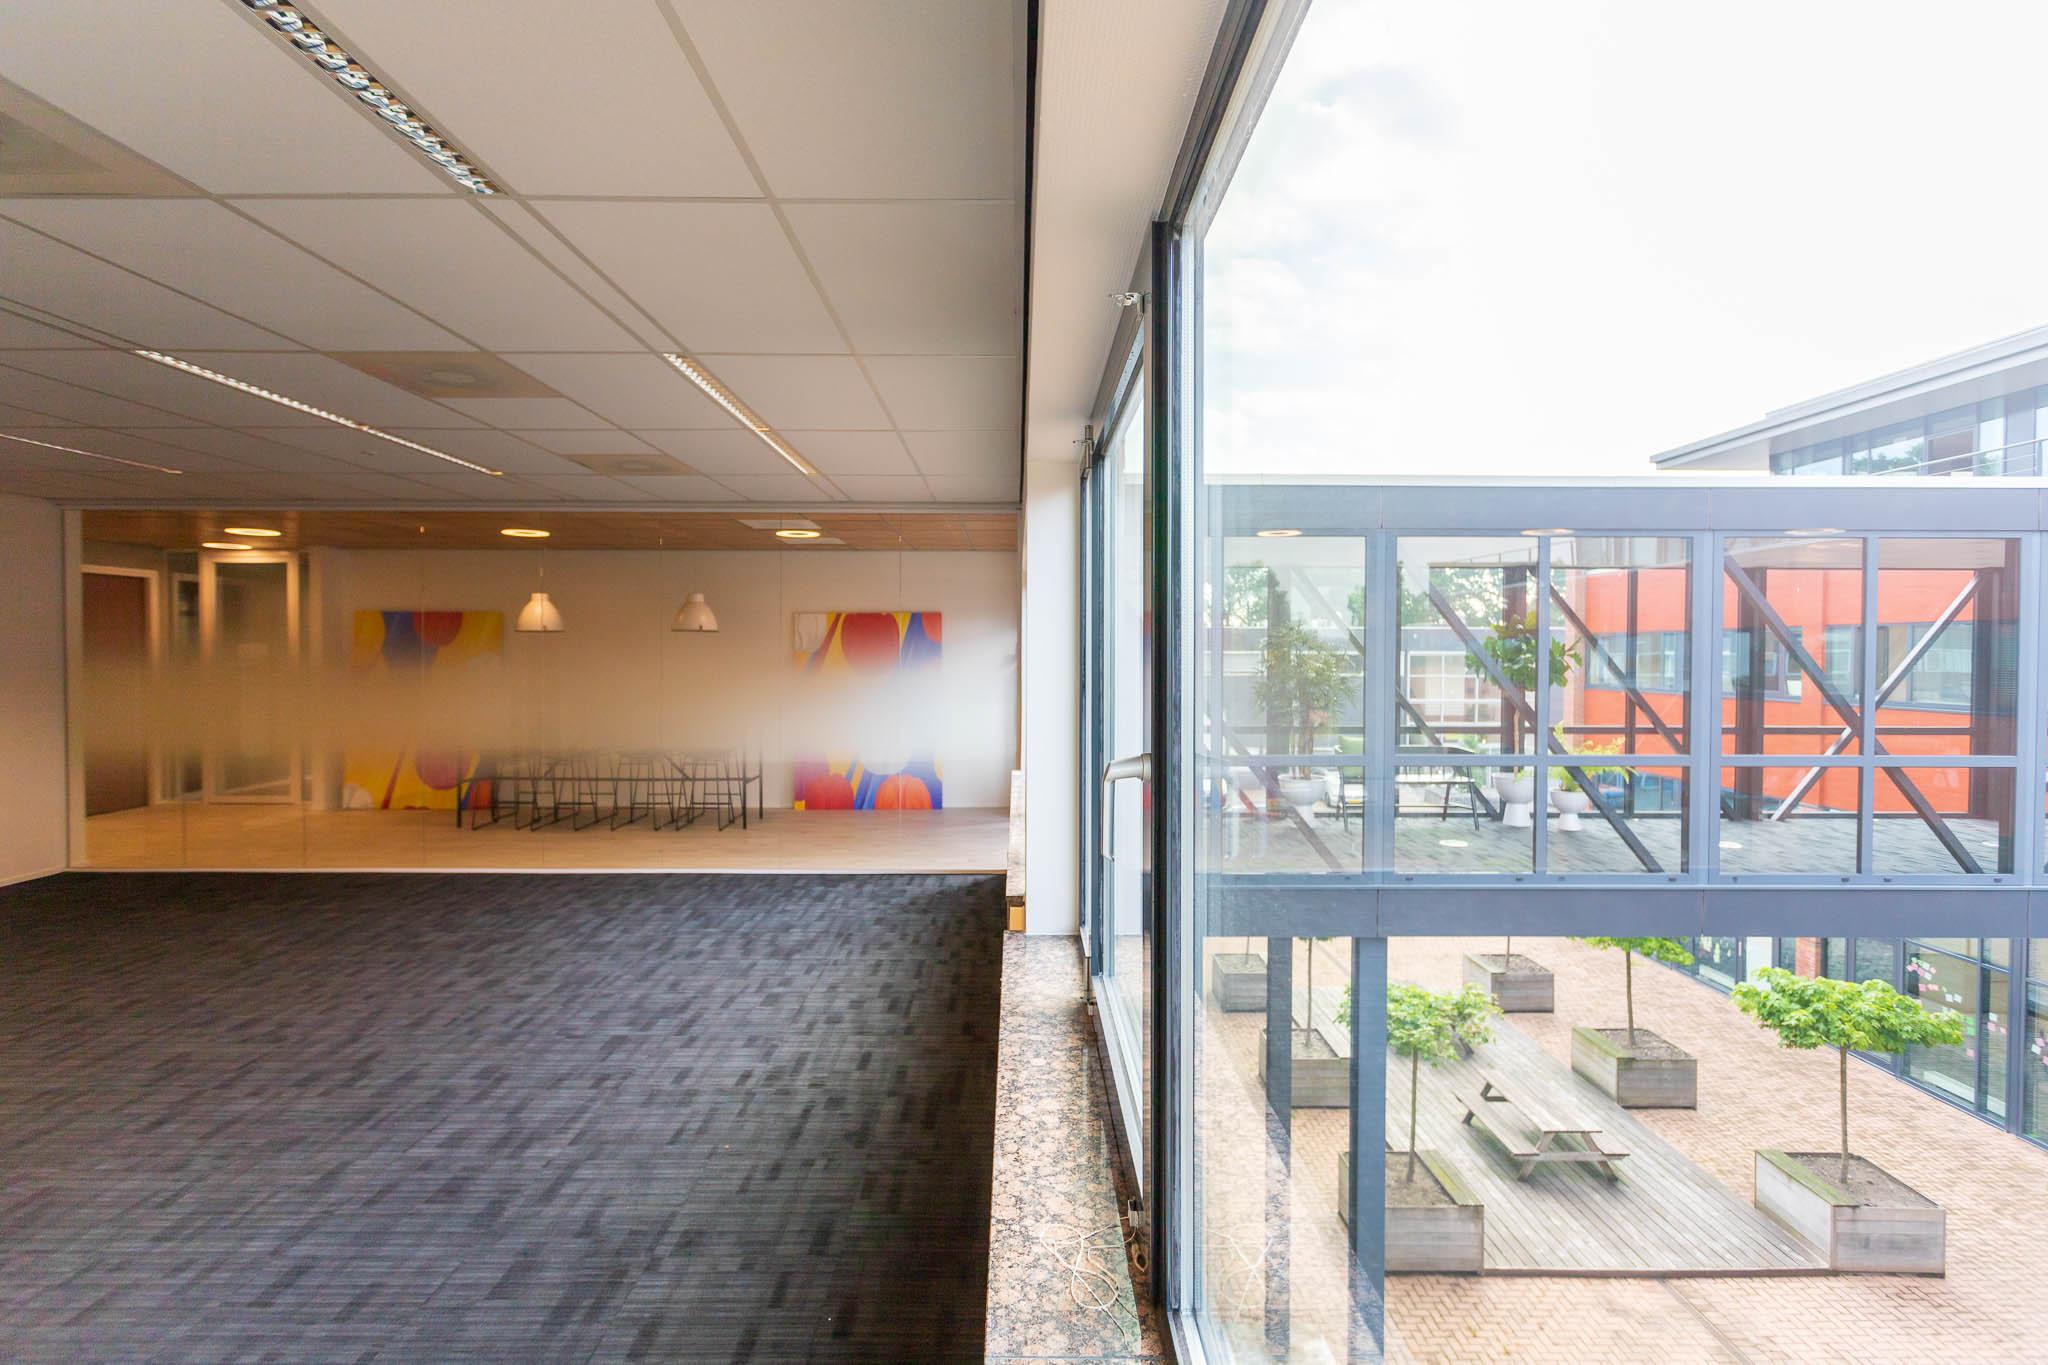 Kantoorruimte-leiden-lammenschans-crown-business-center-impressie